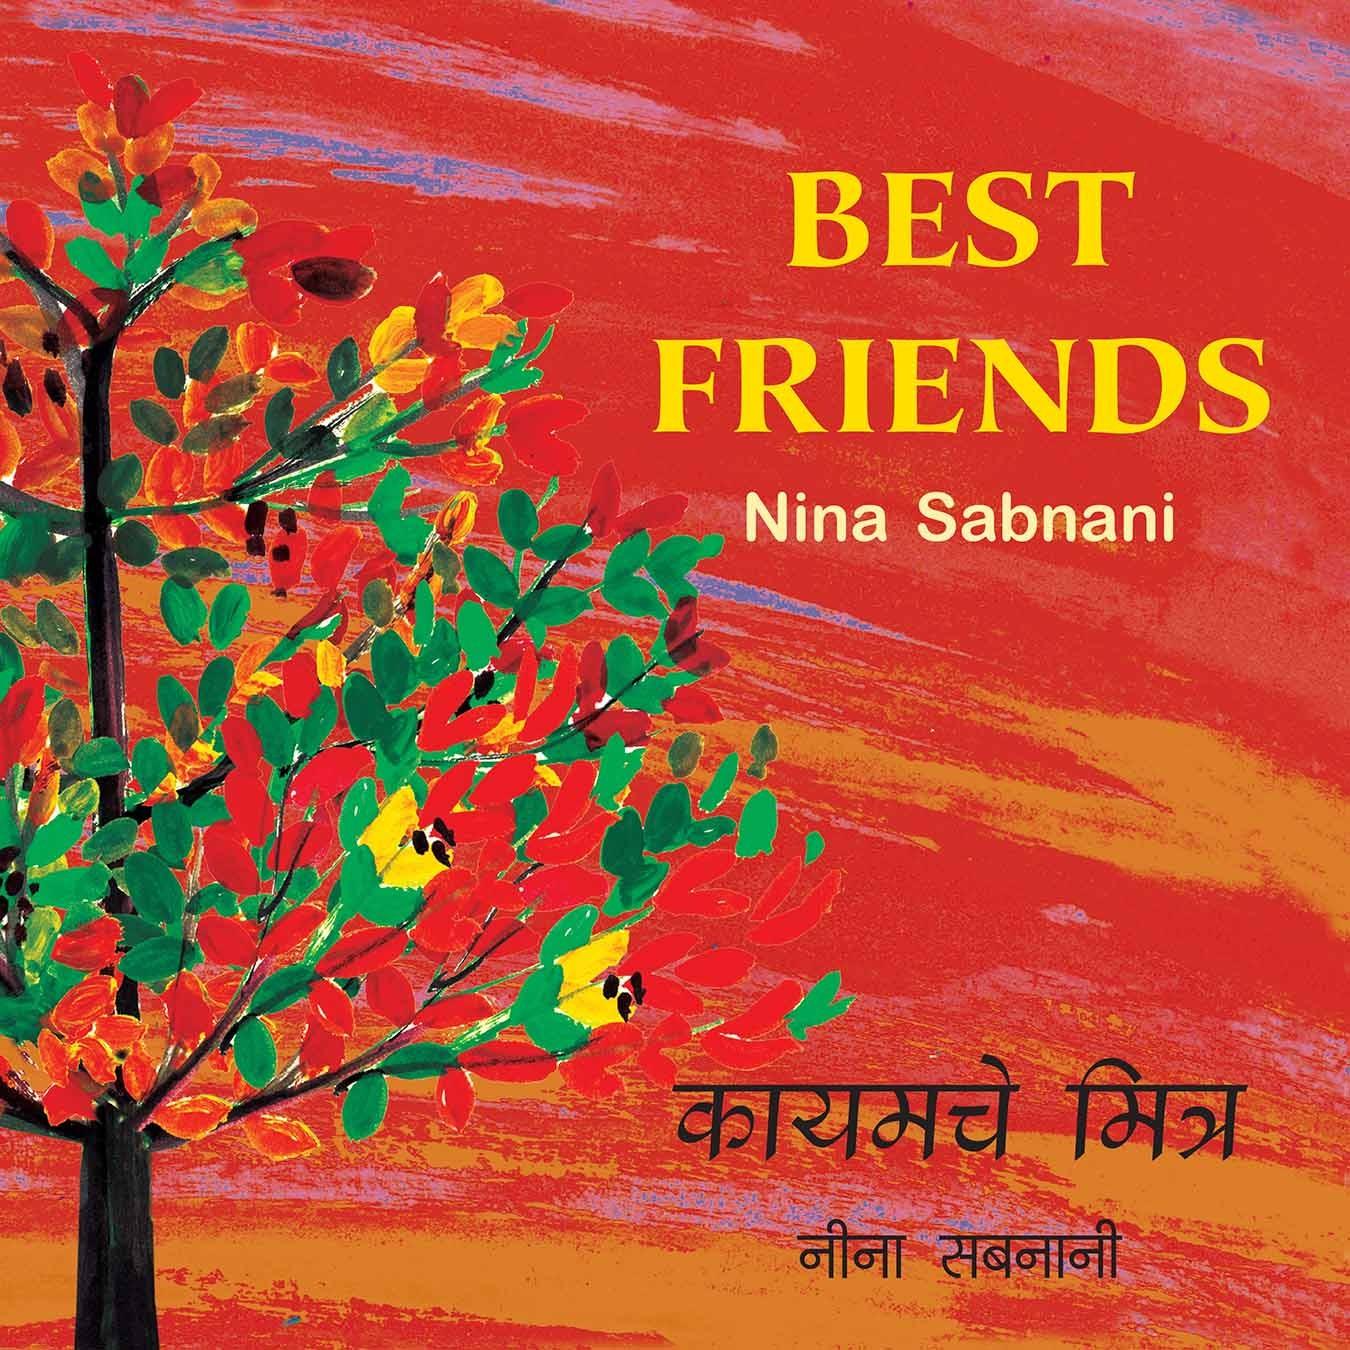 Best Friends/Kayamche Mitr (English-Marathi)